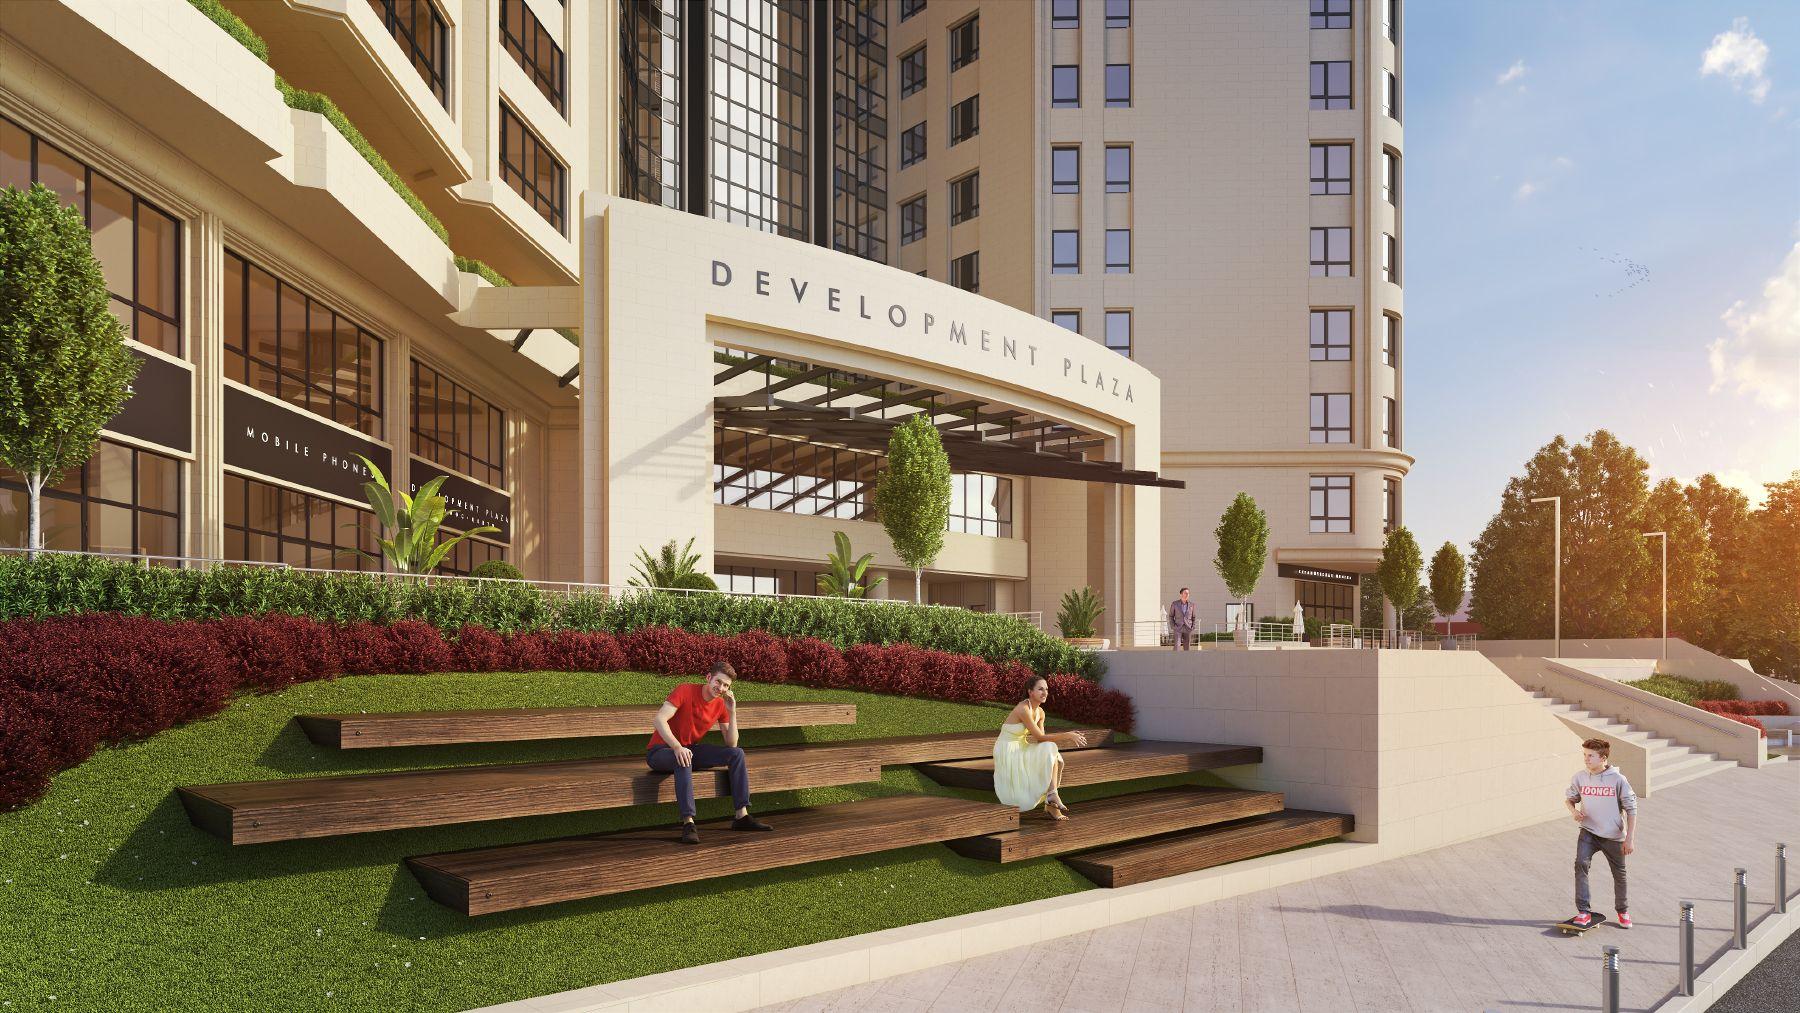 ЖК Development-Plaza (Девелопмент-Плаза)